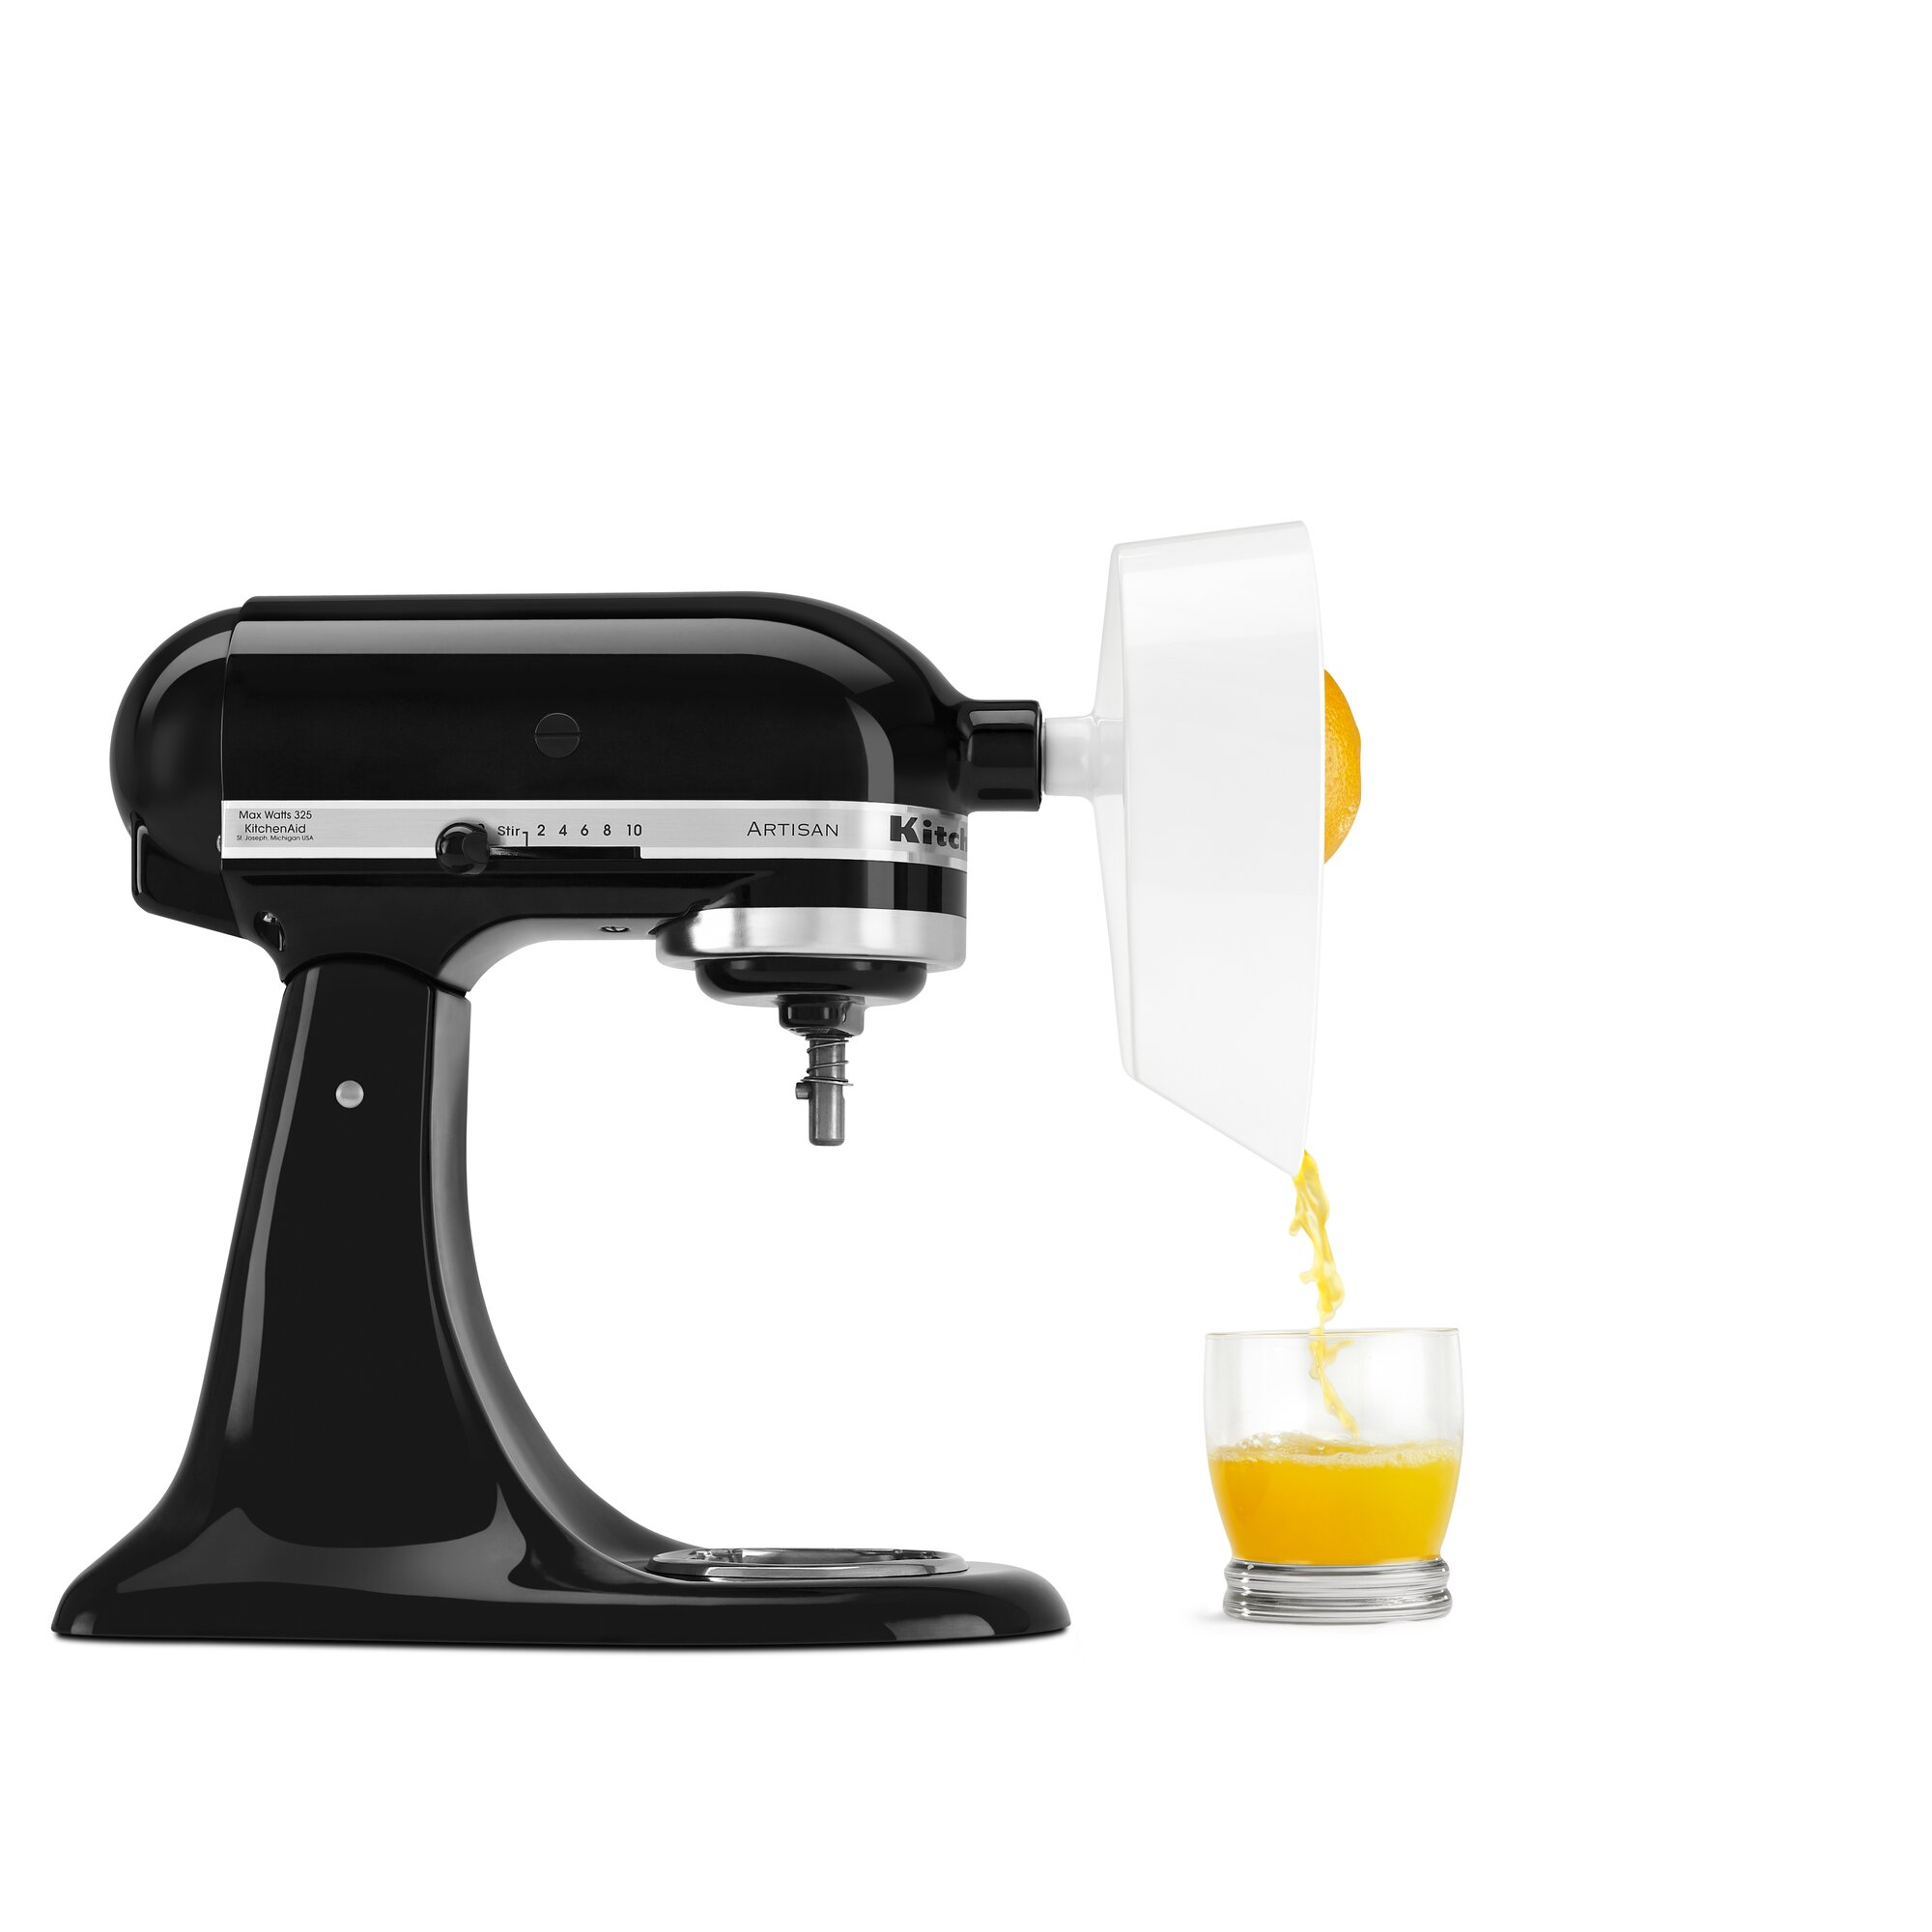 KitchenAid Citrus Juicer Mixer Attachment & Reviews | Wayfair